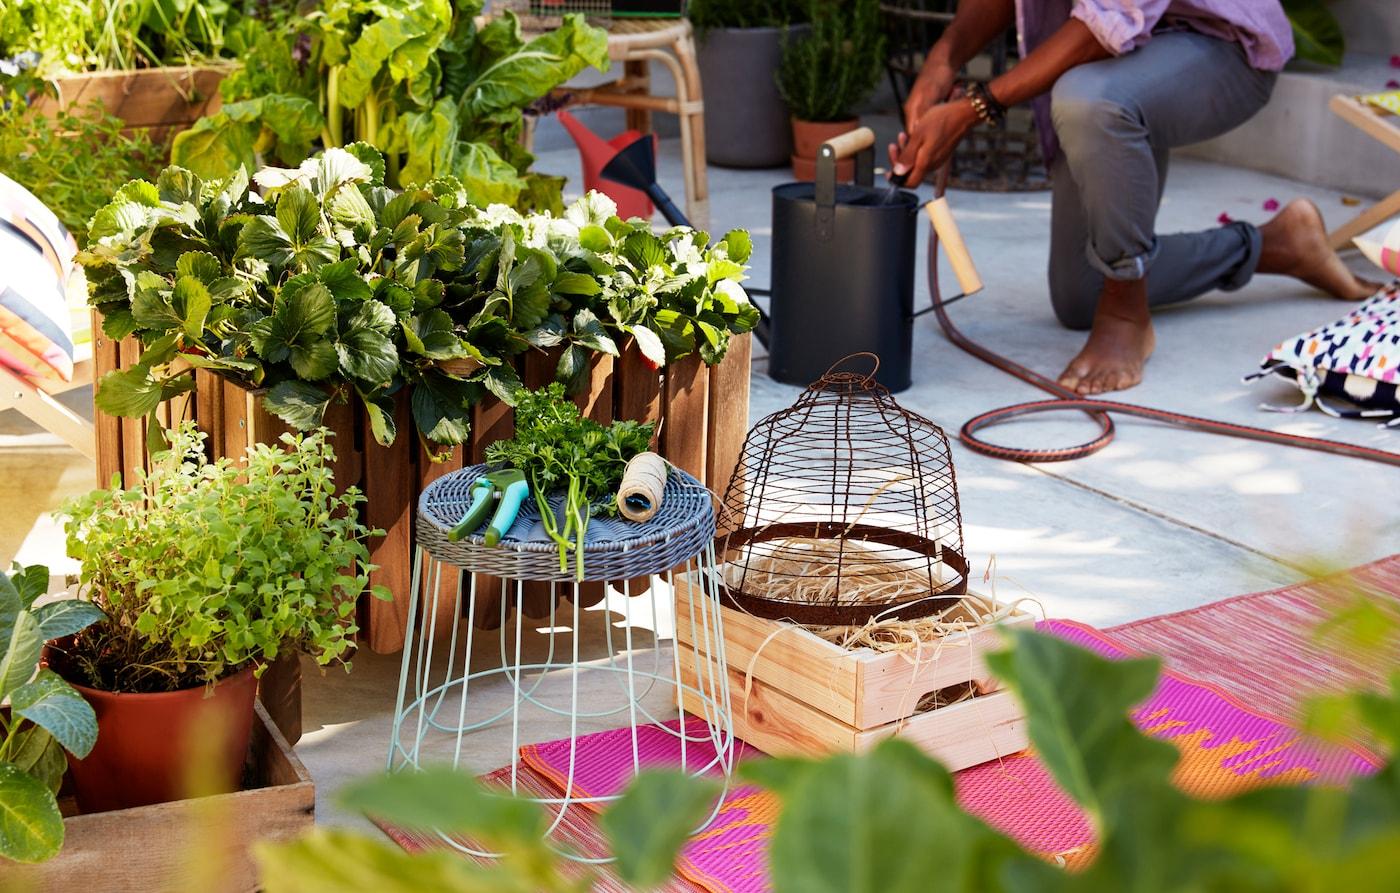 Ein Pflanzbehälter aus Holz, drumherum stehen Pflanzen. Ebenfalls zu sehen sind Teppiche & Gartenwerkzeuge.